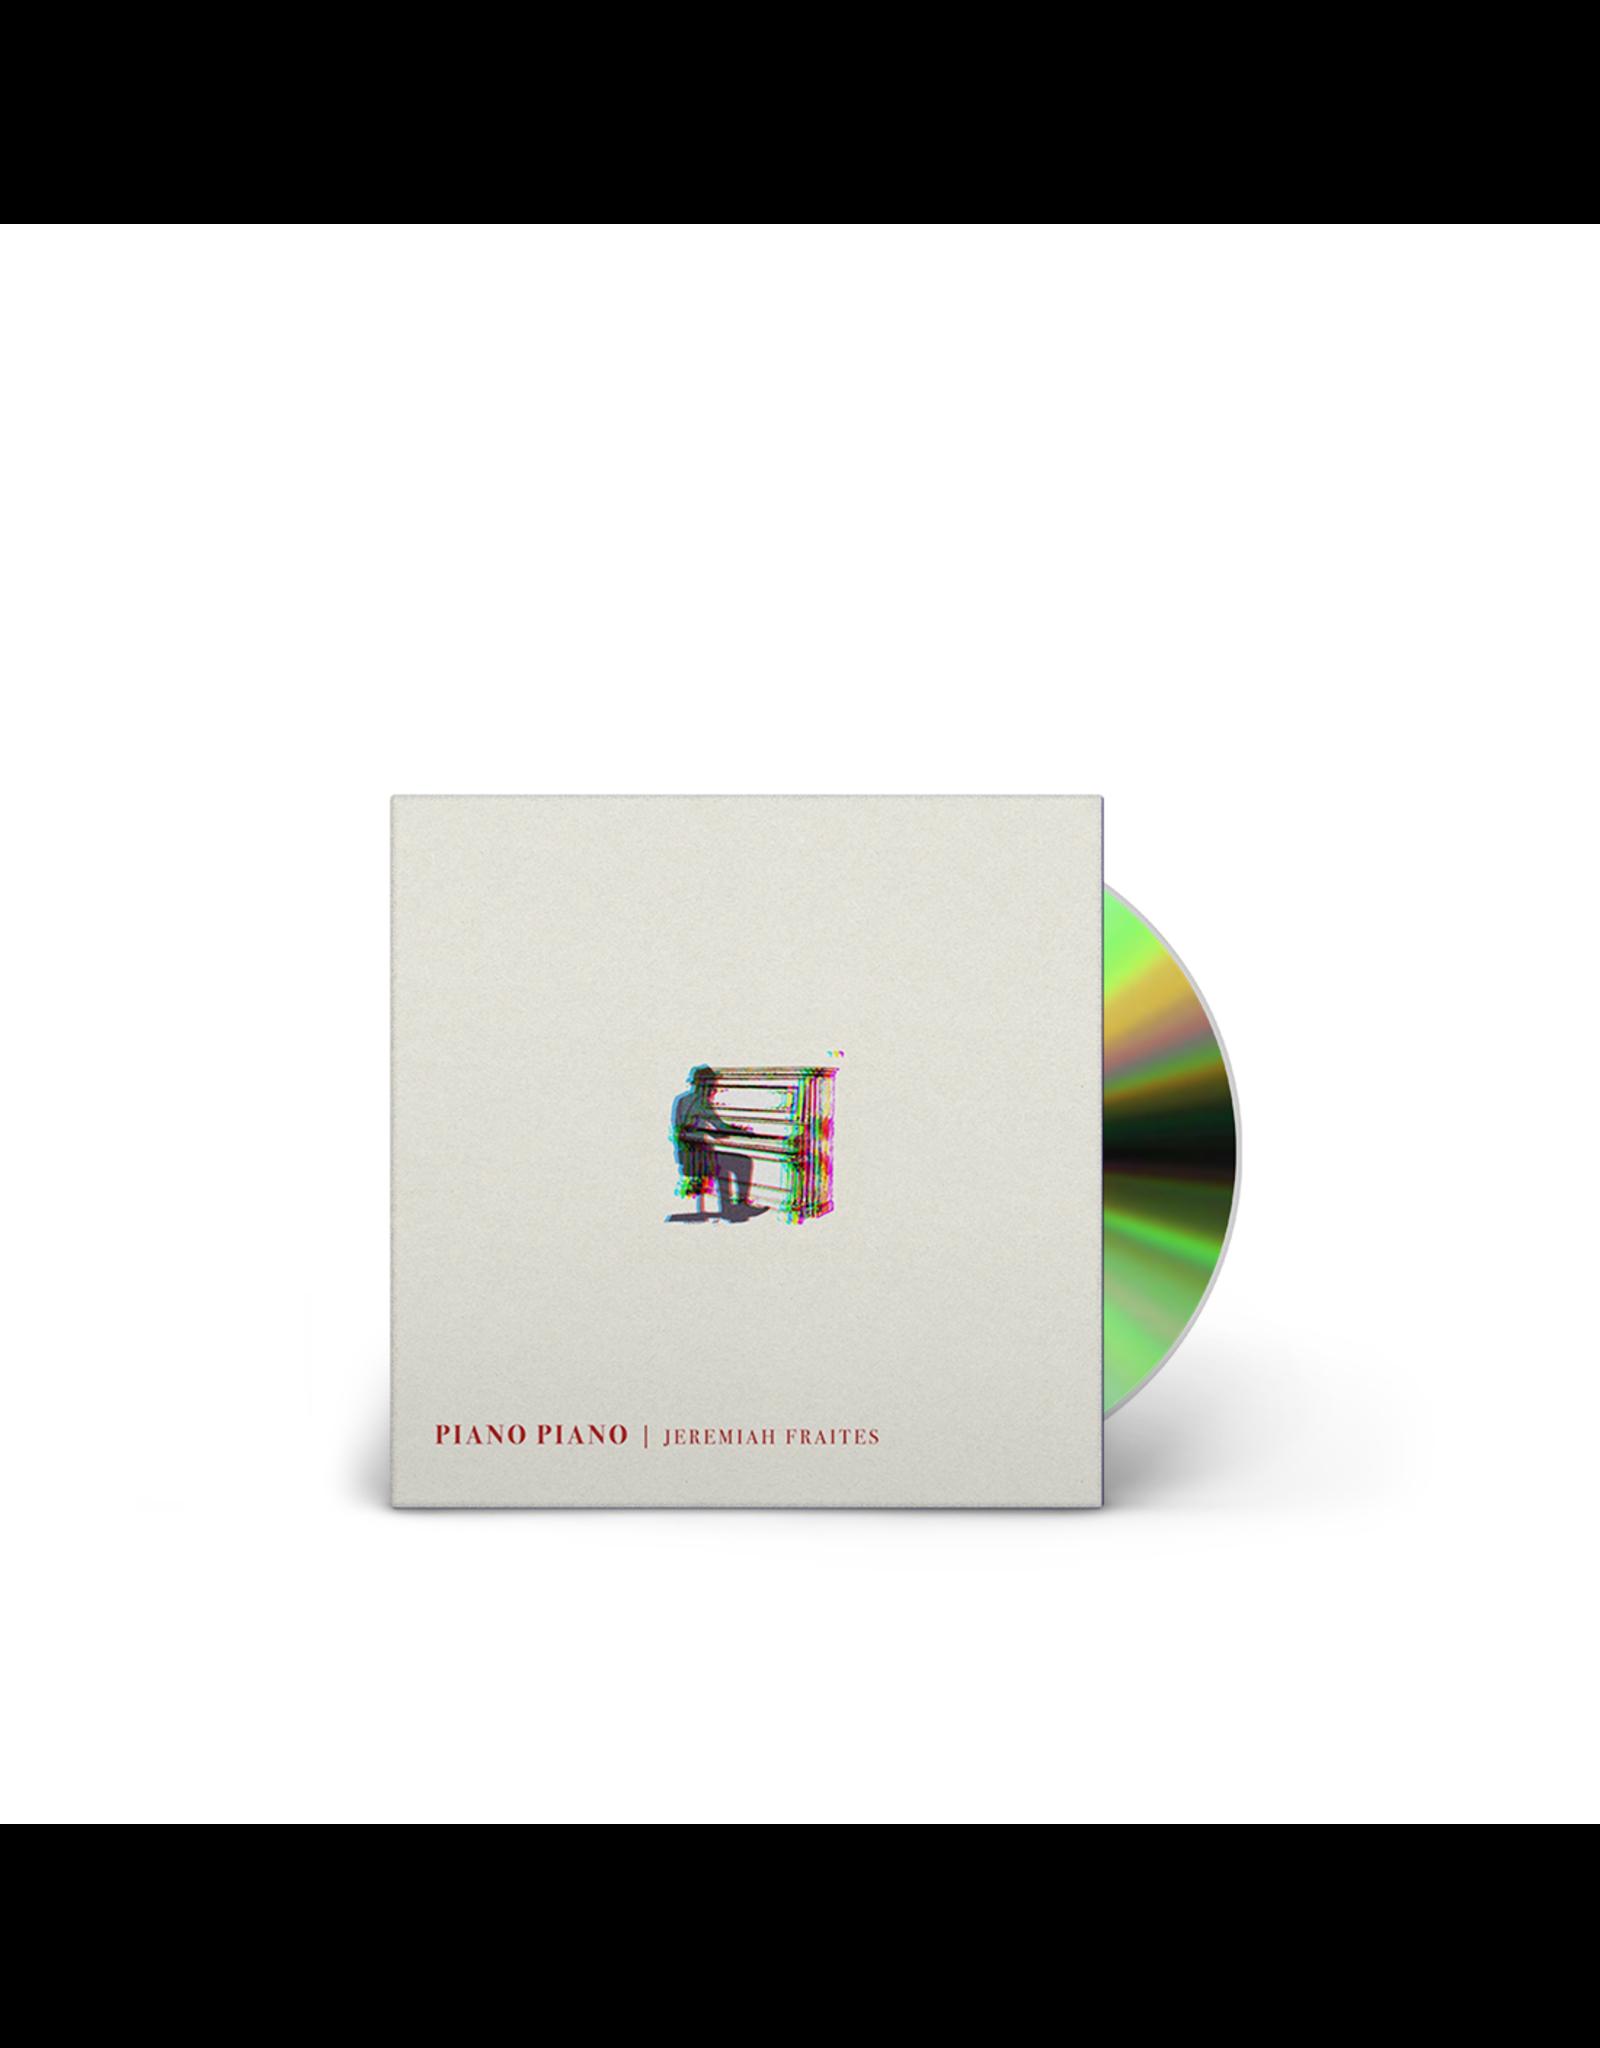 Fraites, Jeremiah - Piano Piano CD